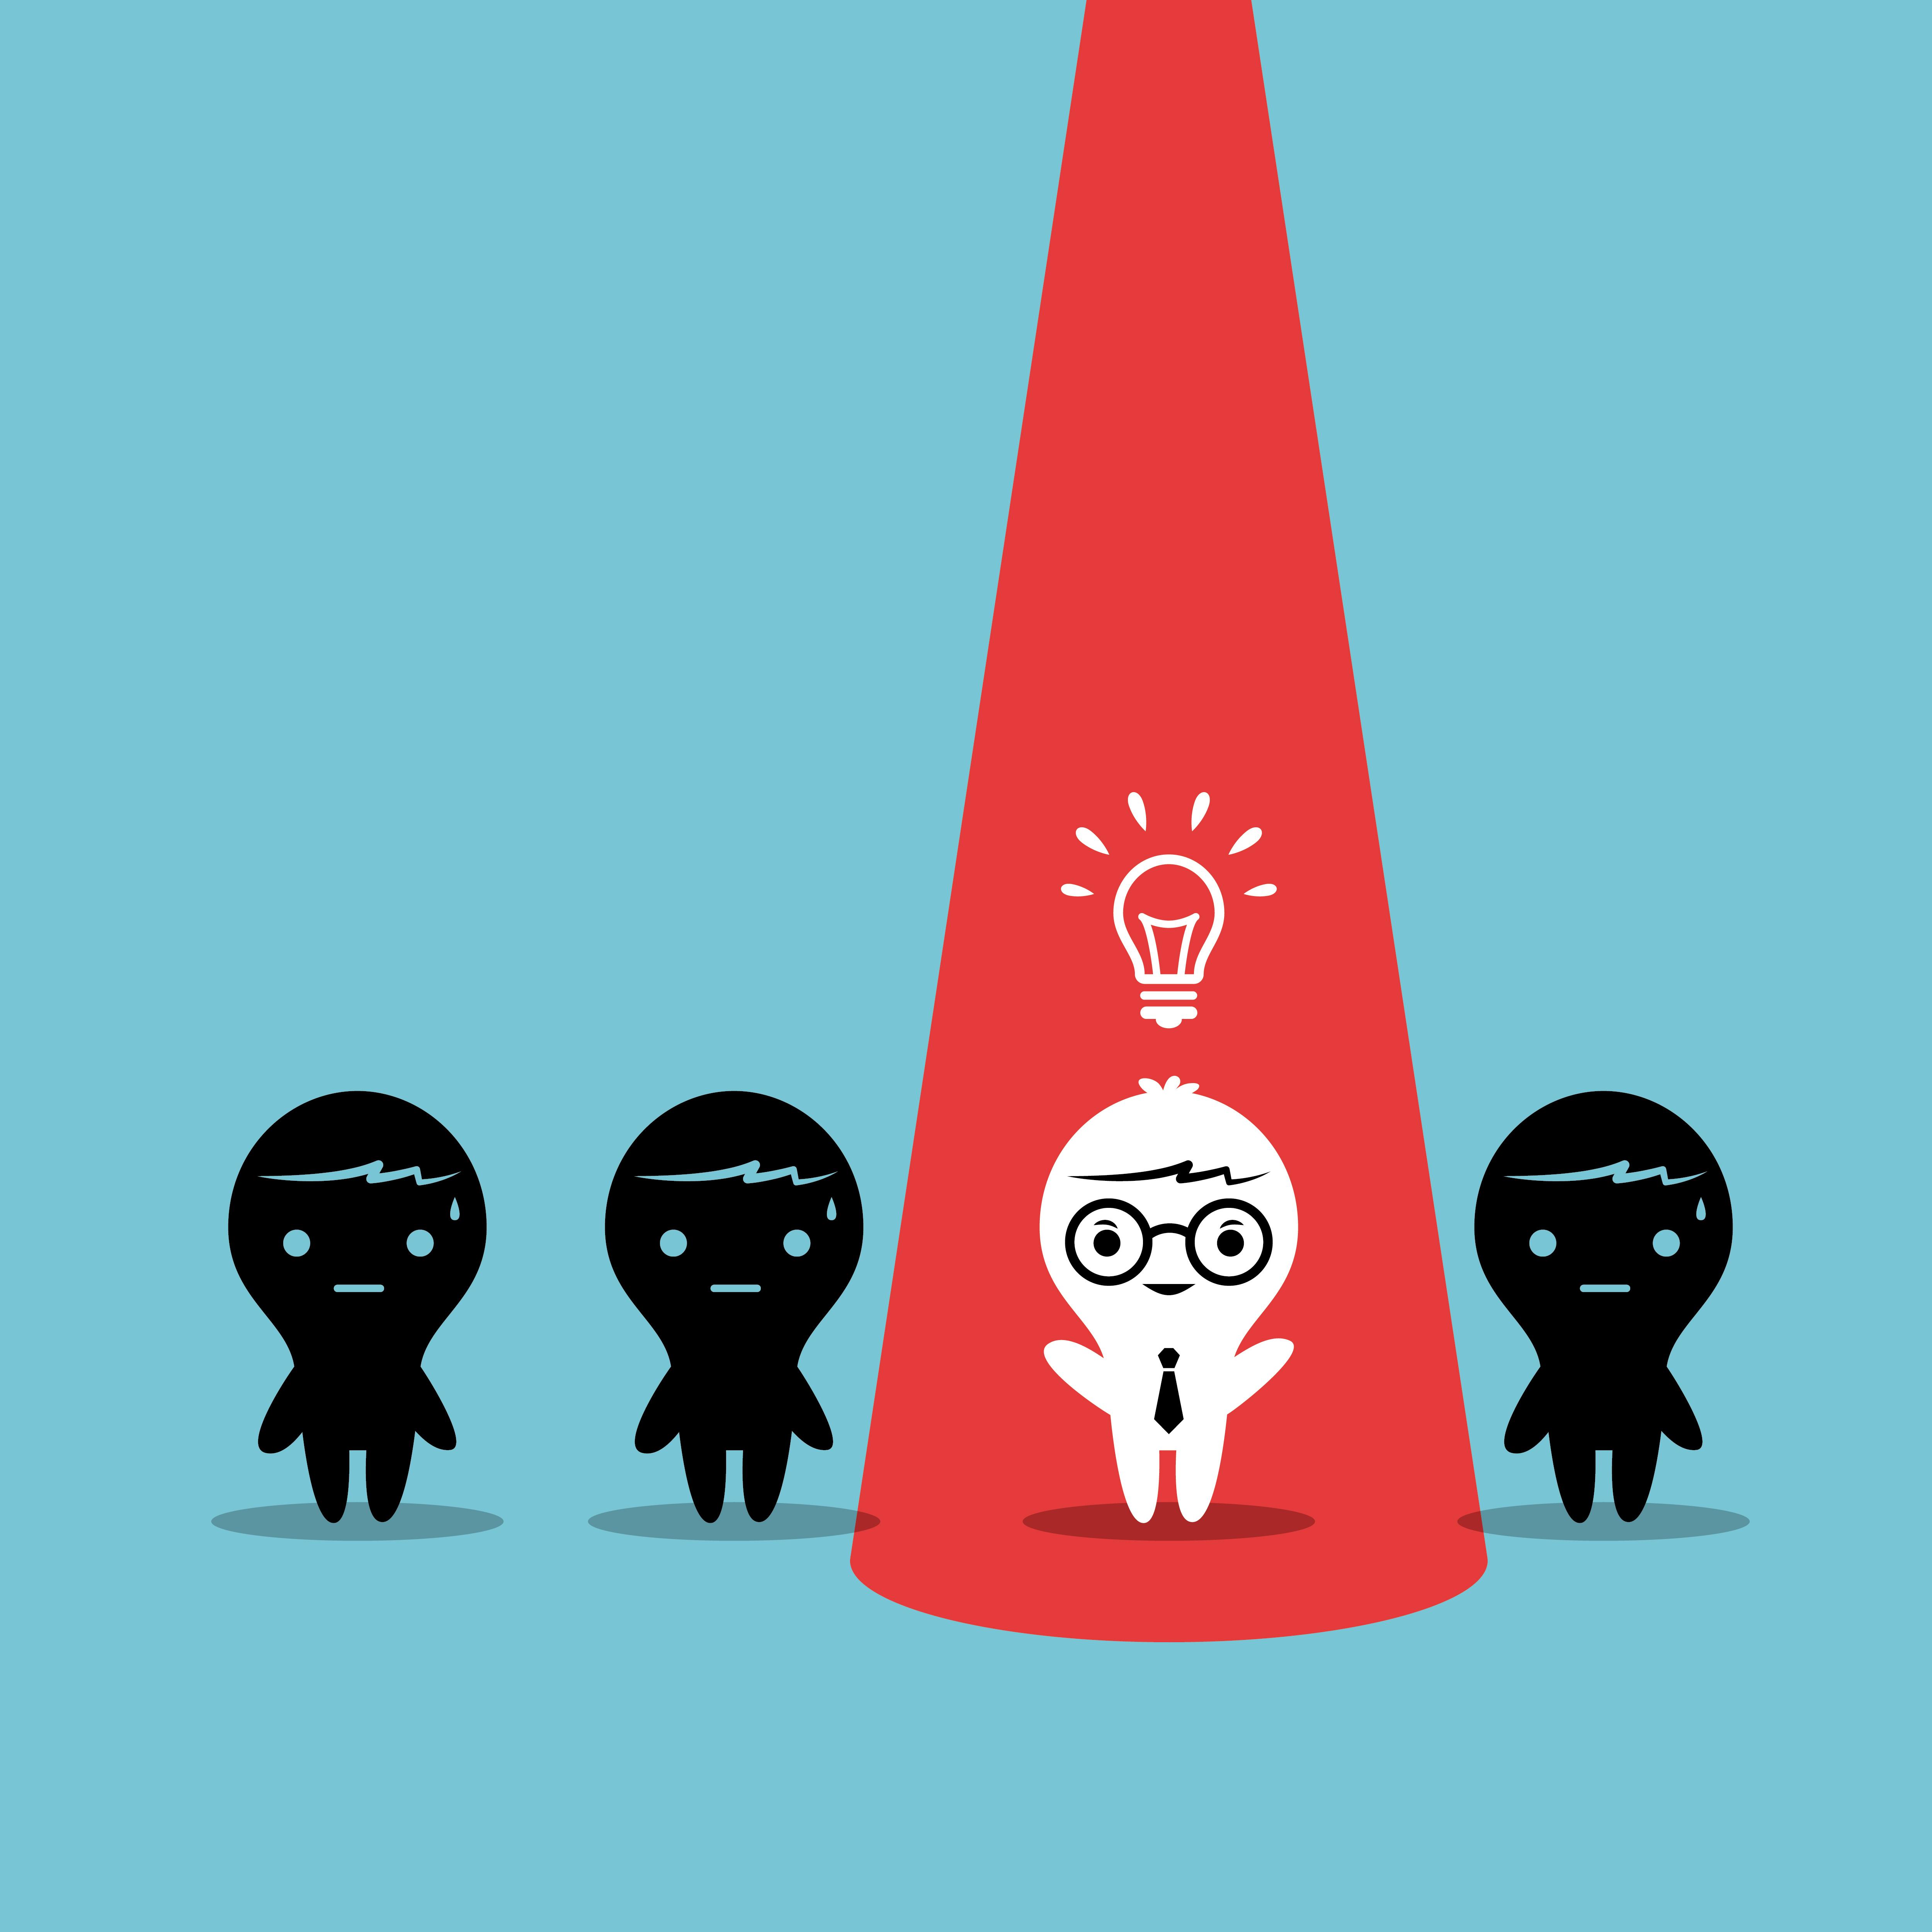 Píntate De Optimismo Y Creatividad: 3 Videojuegos Para Fomentar La Creatividad